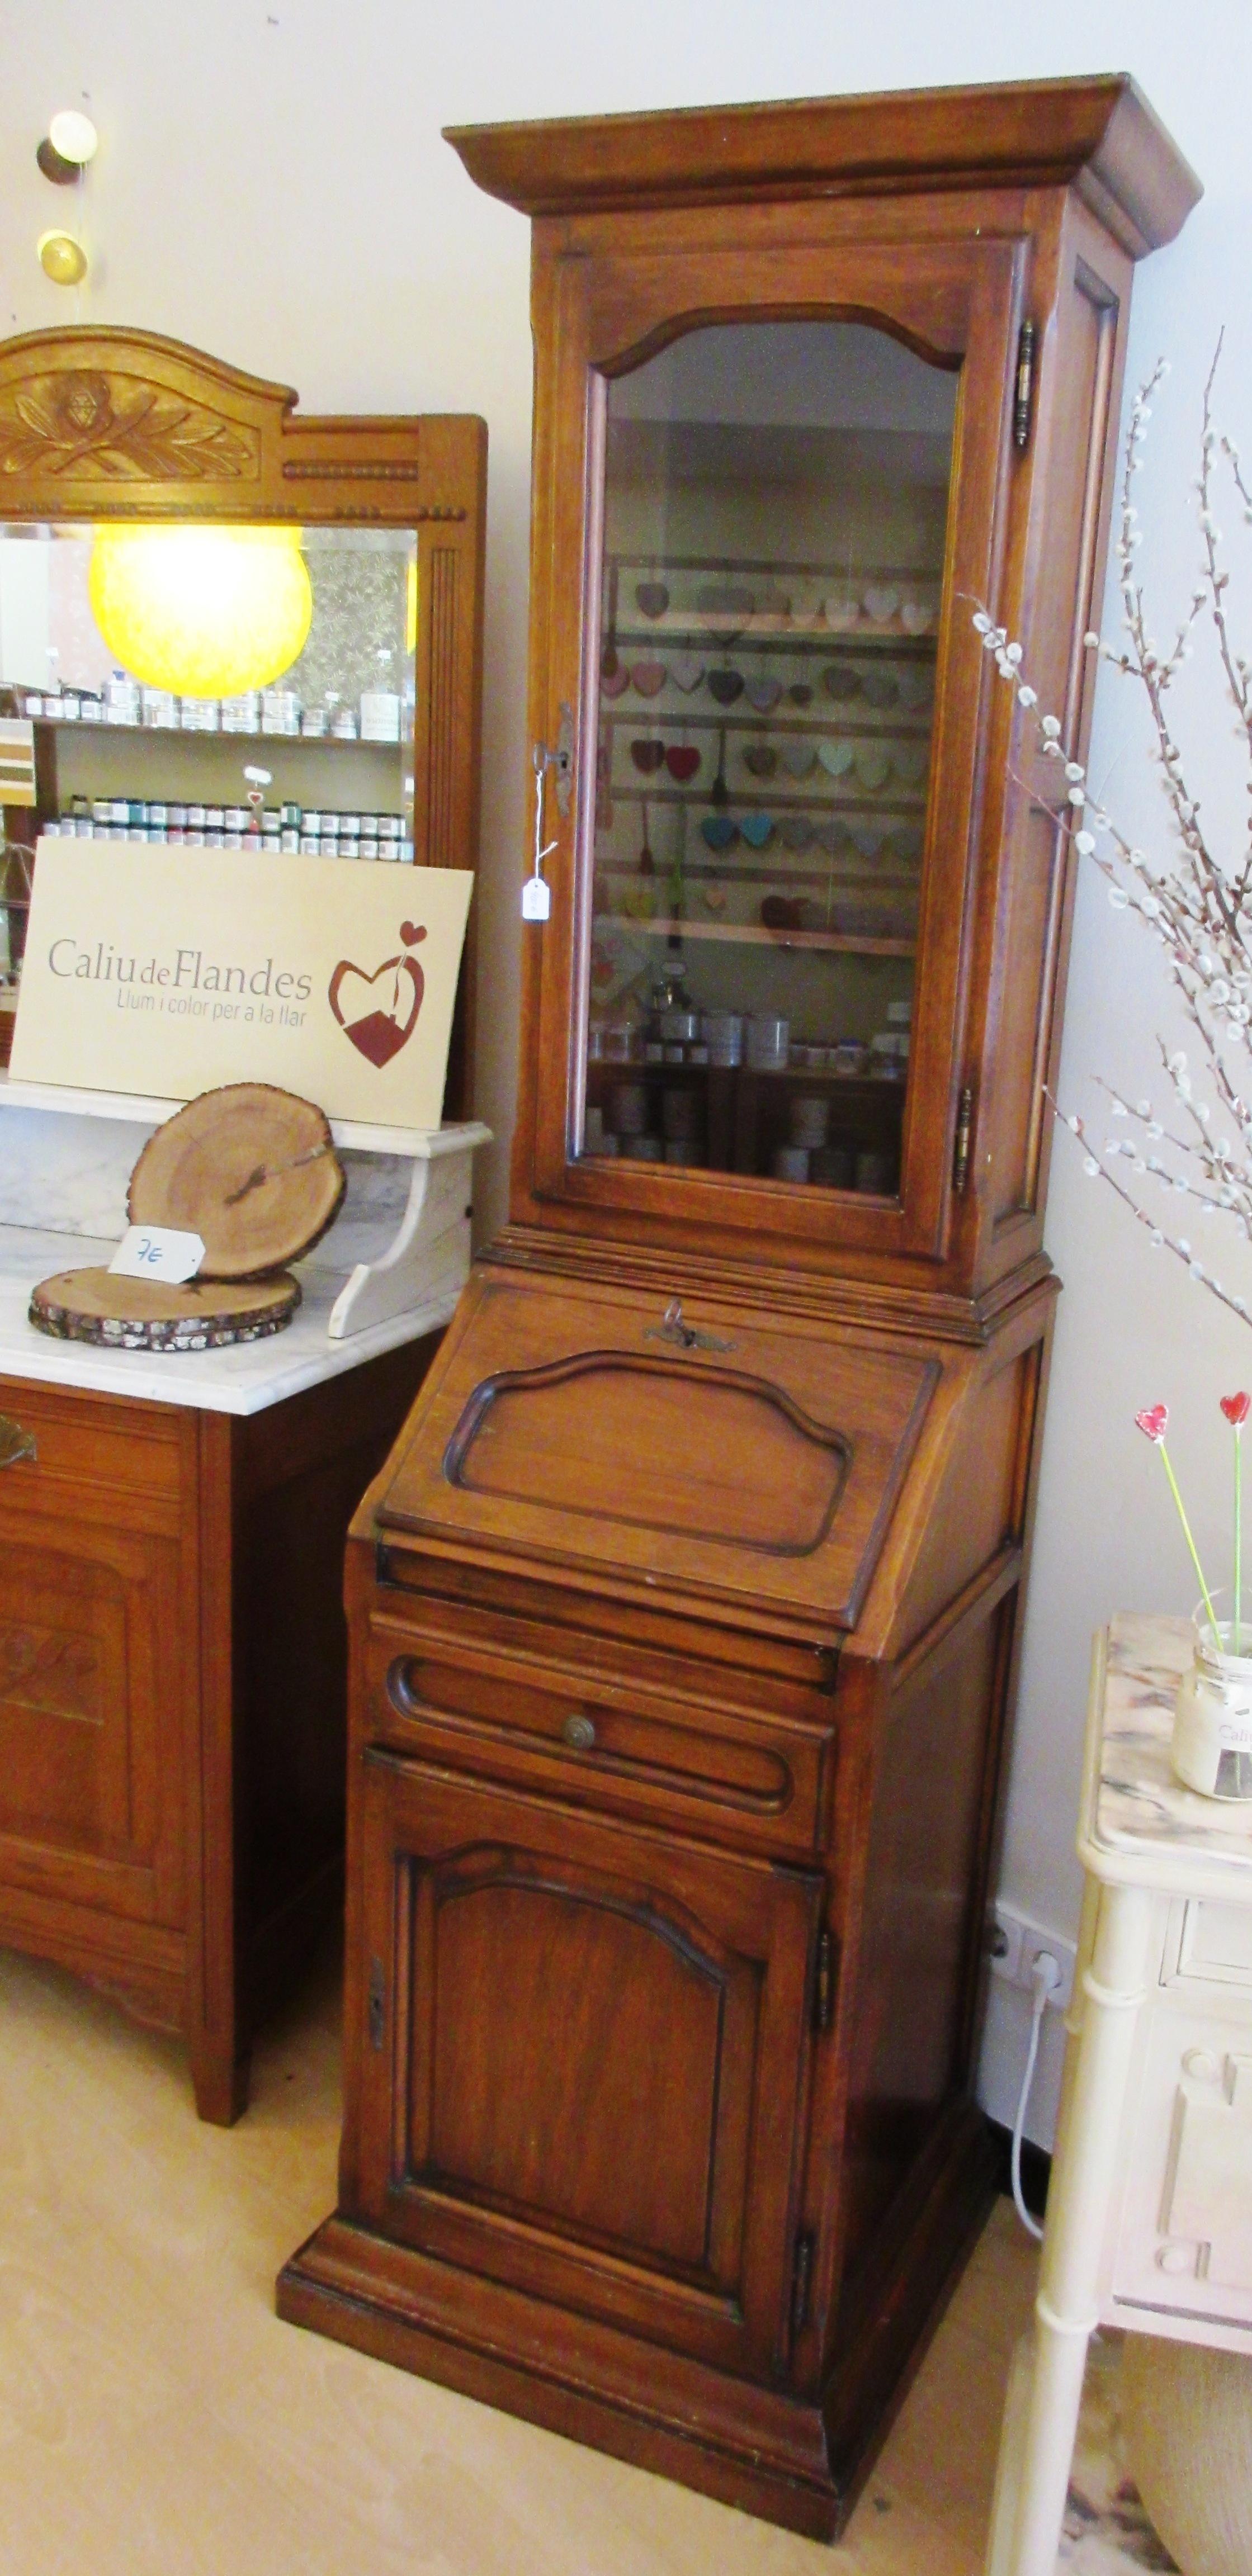 Exclusivos Muebles Vintage Caliu De Flandes